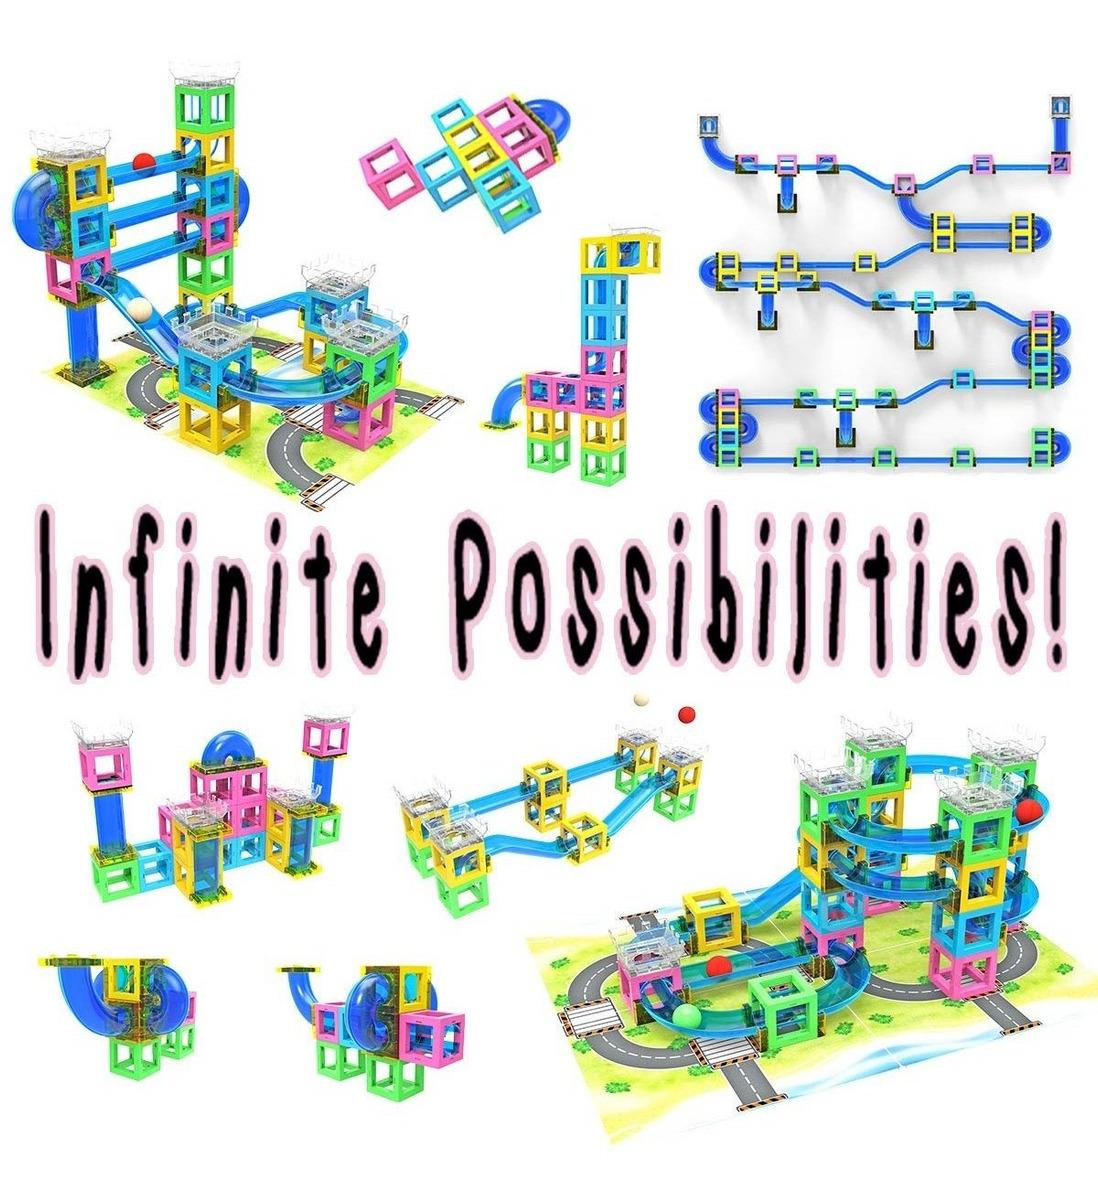 Hippococo Bloques de Construcci/ón Magn/éticos 3D: Circuito de Canicas Duradero Fomenta la Creatividad e Imaginaci/ón Robusto y Seguro Juguete Educativo Stem Innovador para Ni/ños y Ni/ñas 60 Piezas